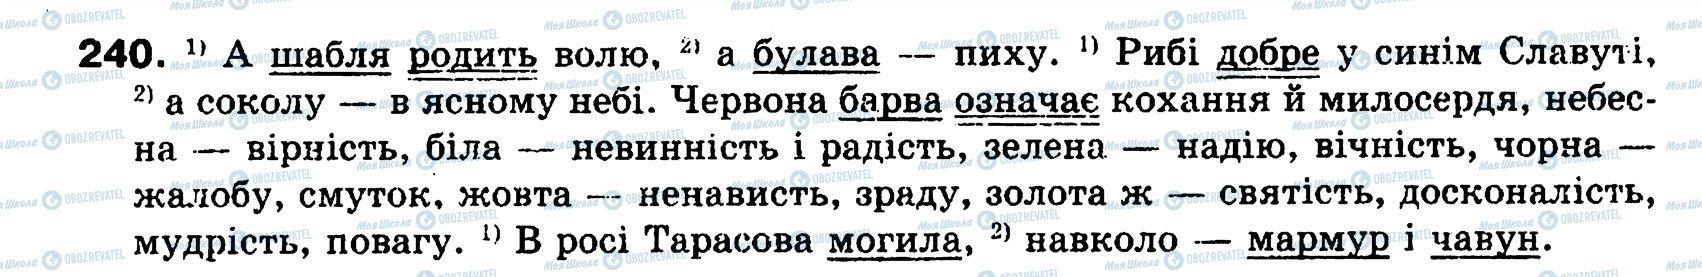 ГДЗ Українська мова 8 клас сторінка 240